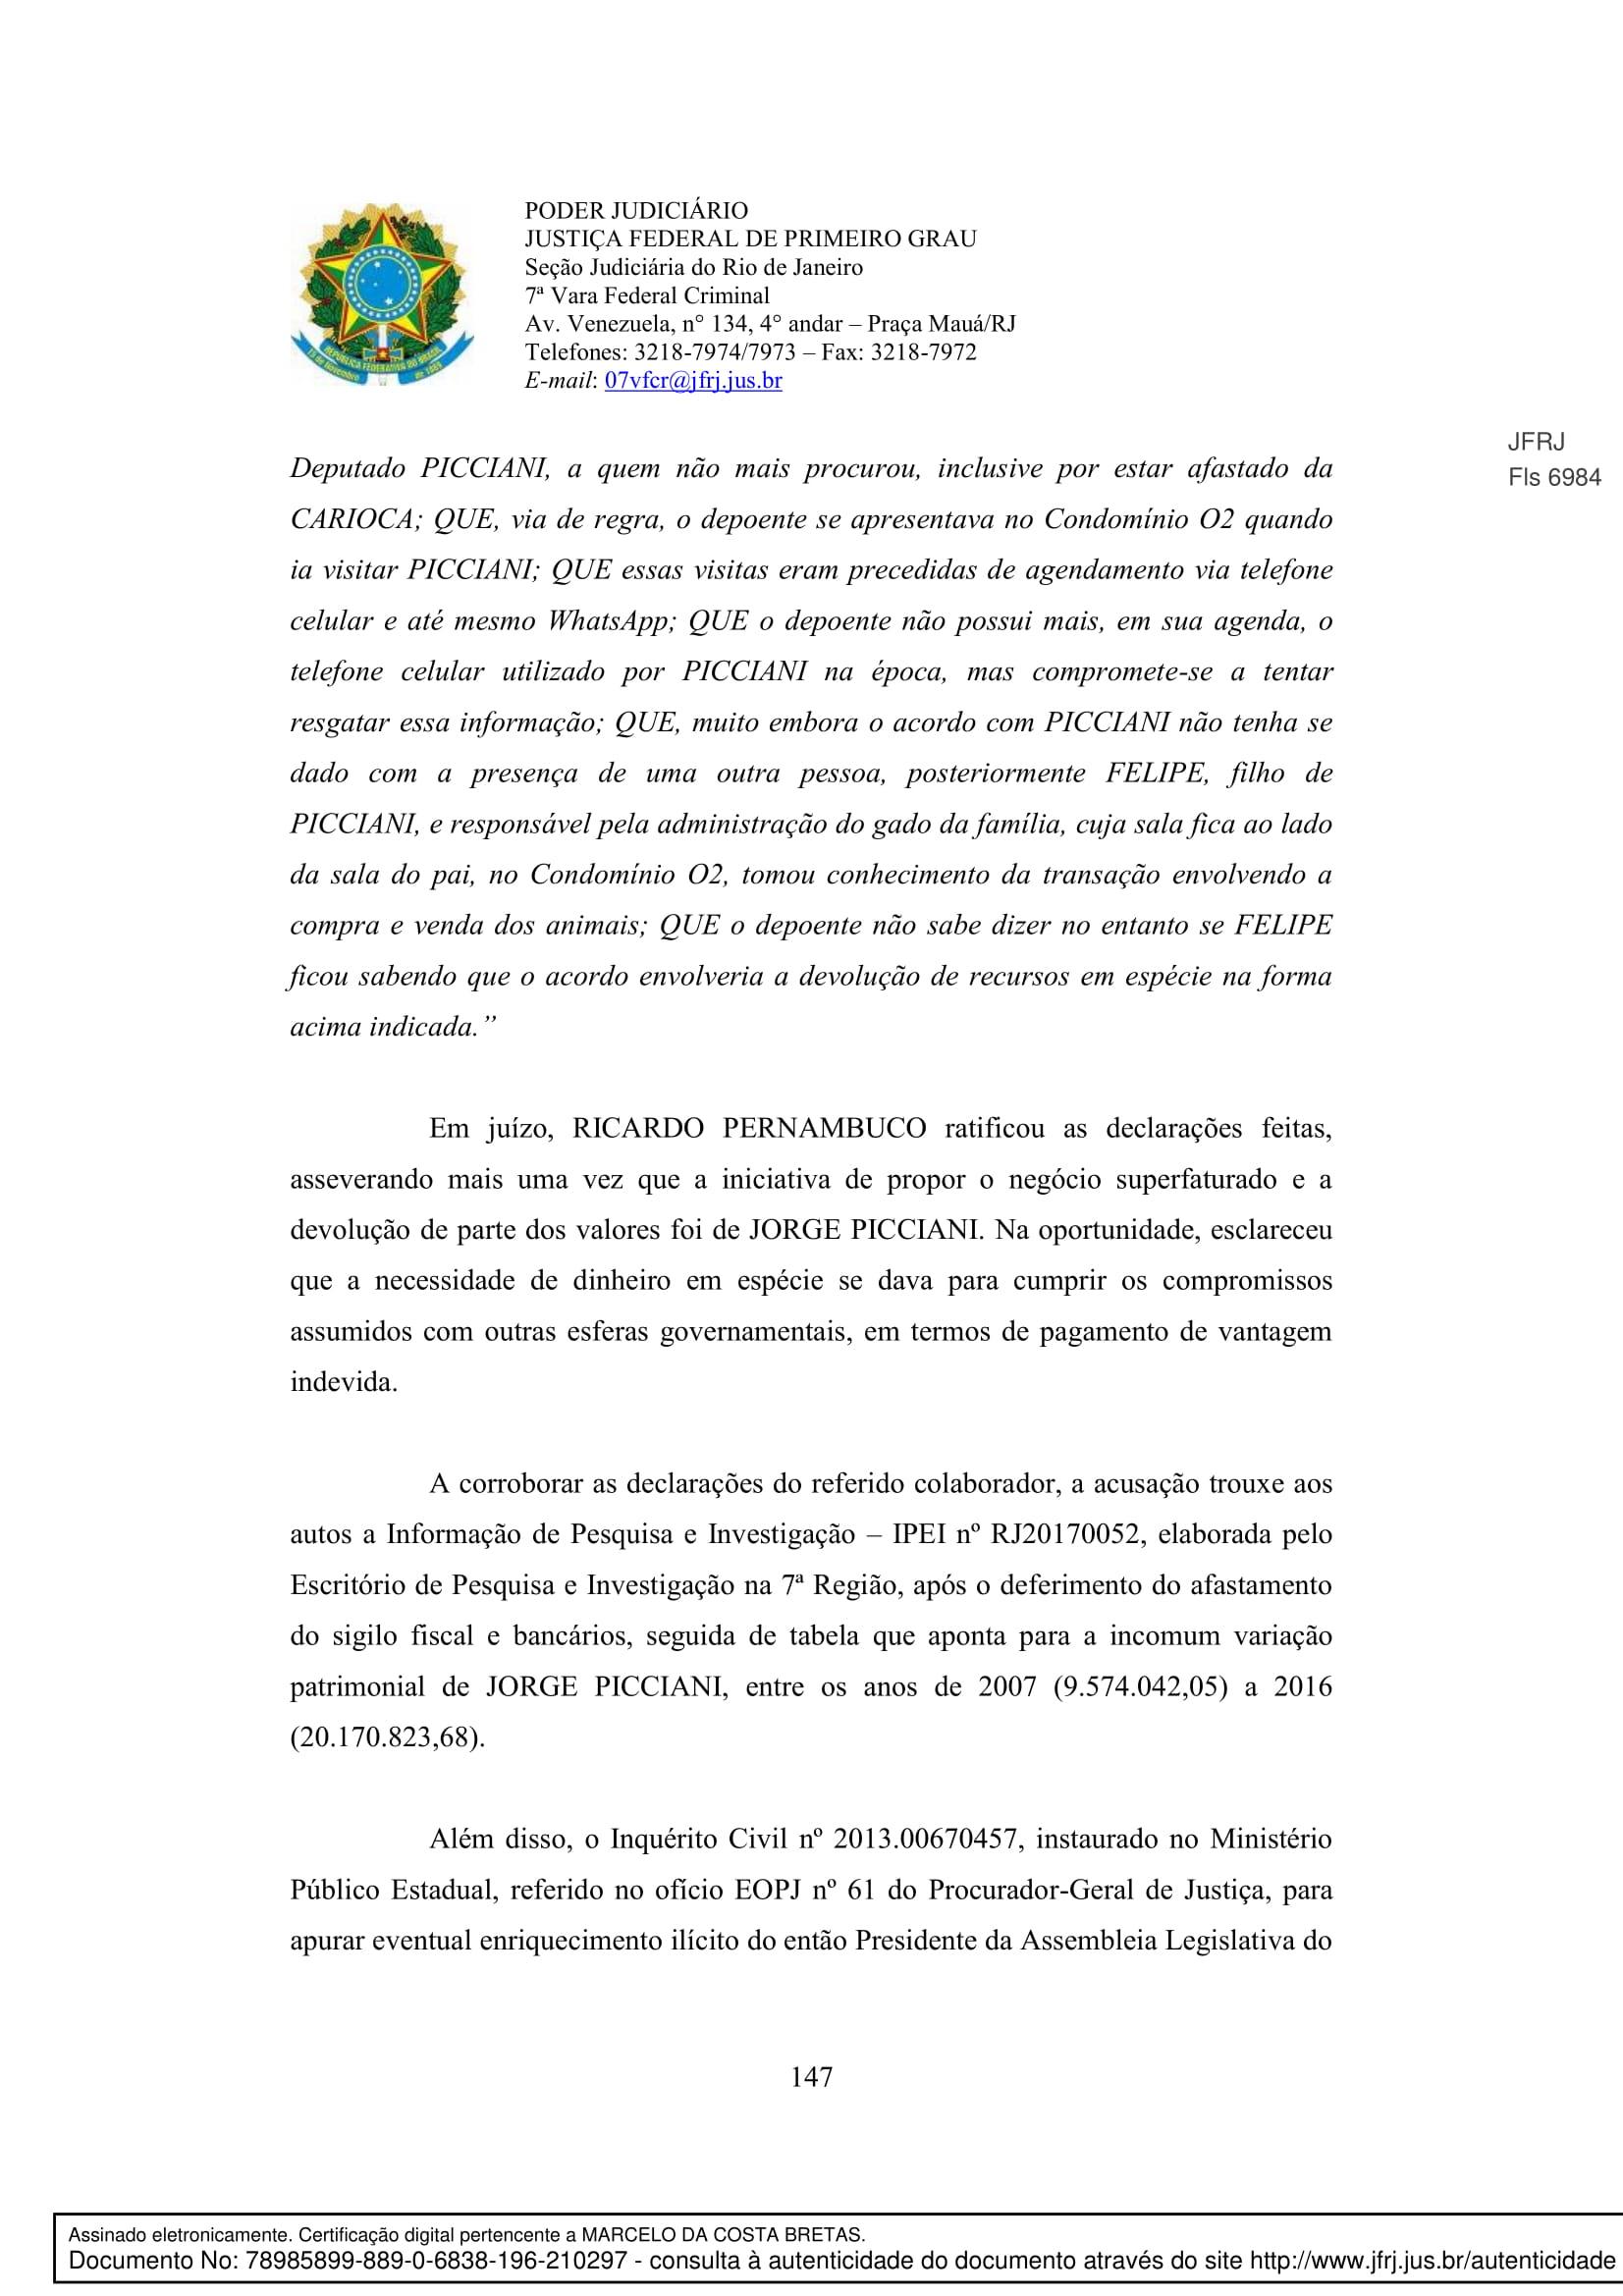 Sentenca-Cadeia-Velha-7VFC-147